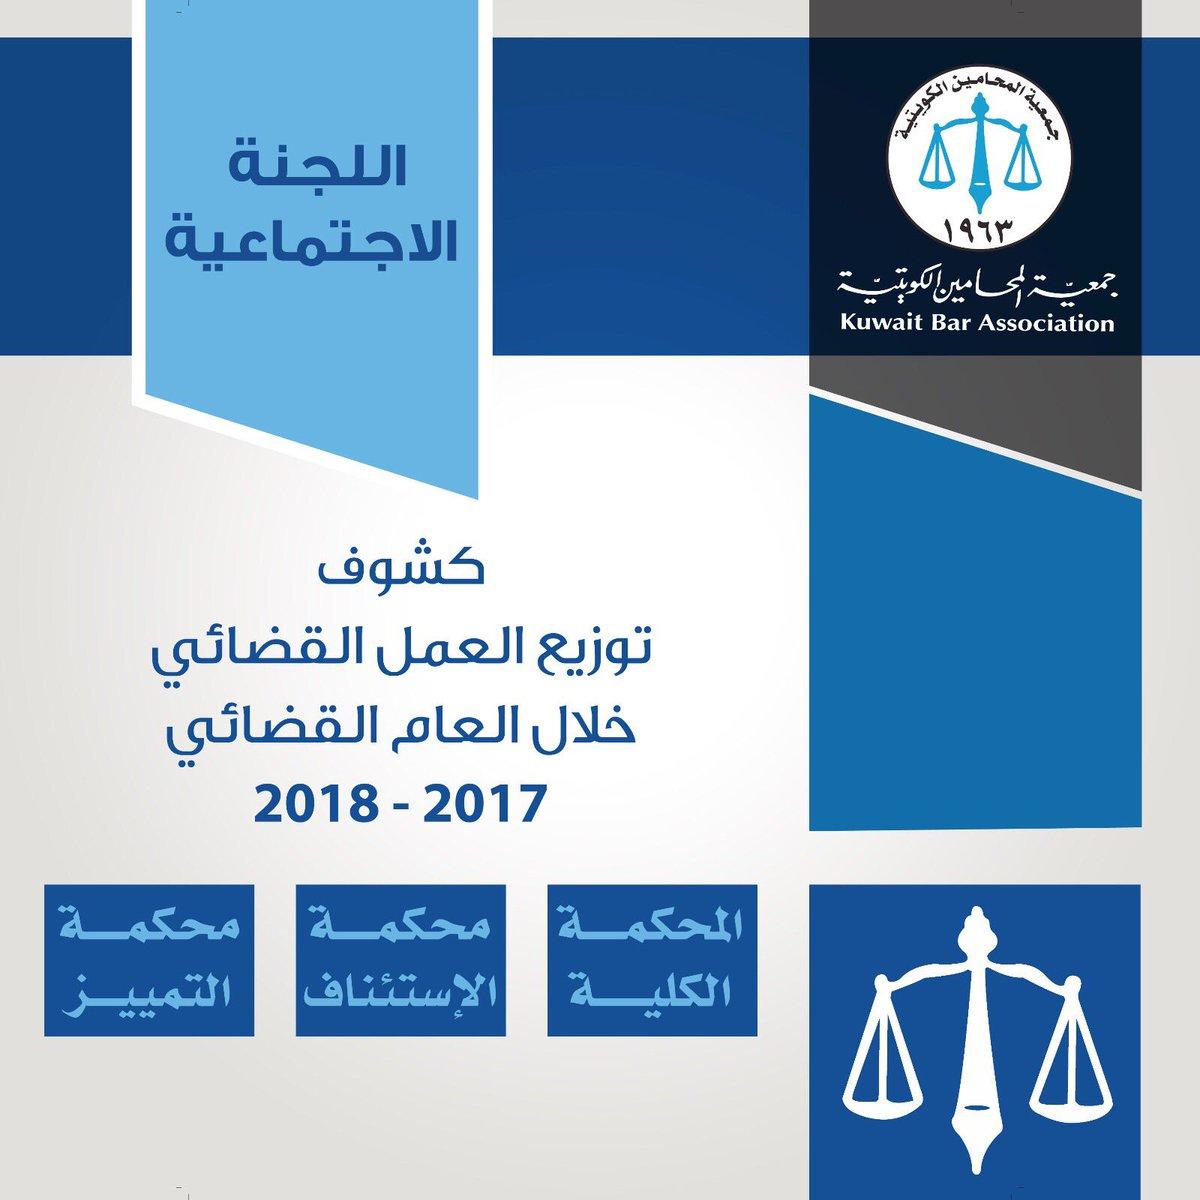 تعلن جمعية المحامين عن توفير كشوف توزيع العمل القضائي